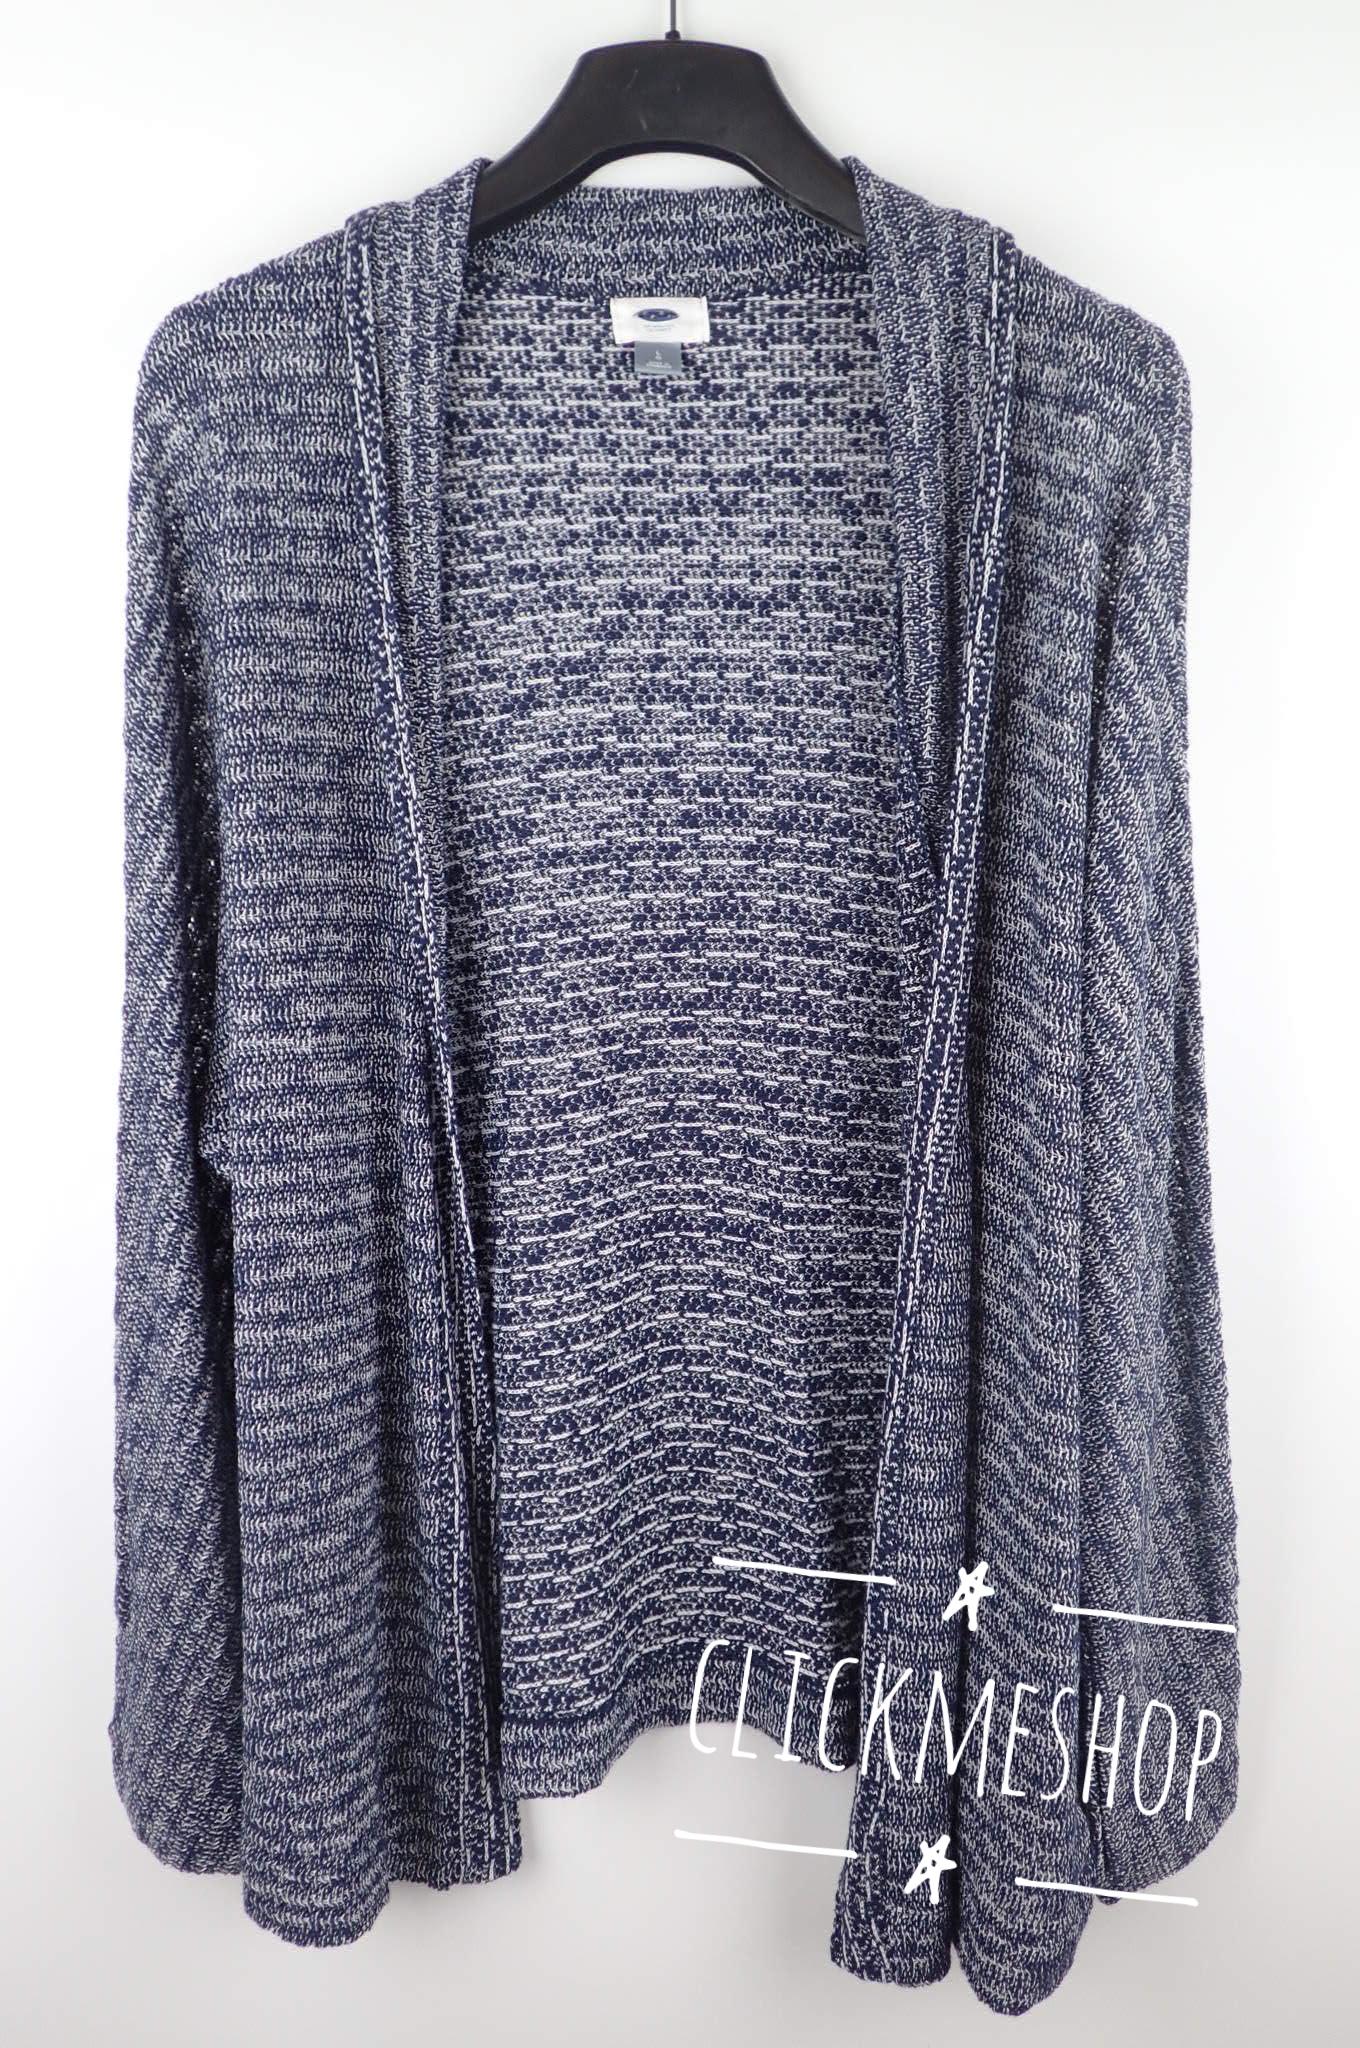 (size L หน้าอก 44-46 นิ้ว ) เสื้อคลุม Oldnavy สีน้ำเงิน ใส่คลุมสบายๆ น่ารักคะ